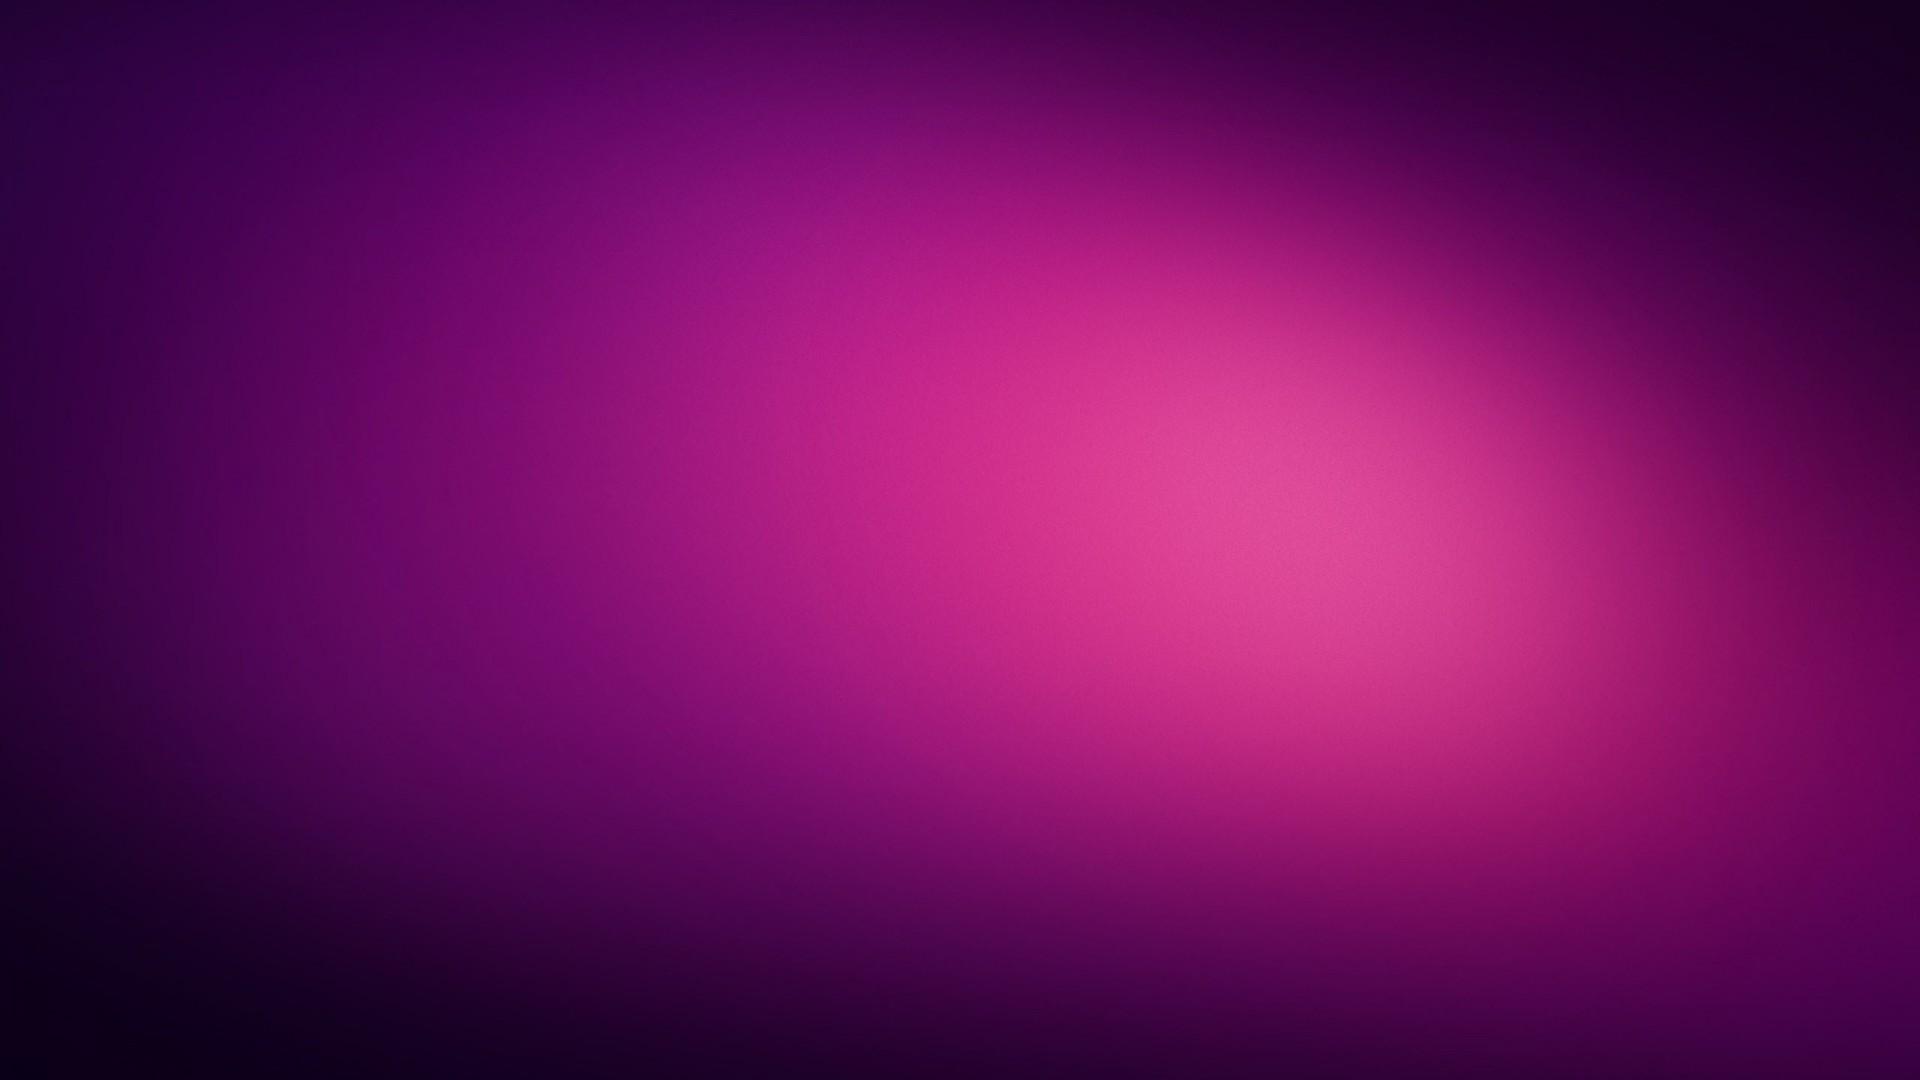 Wallpaper Focus >> Color Wallpaper Background - WallpaperSafari